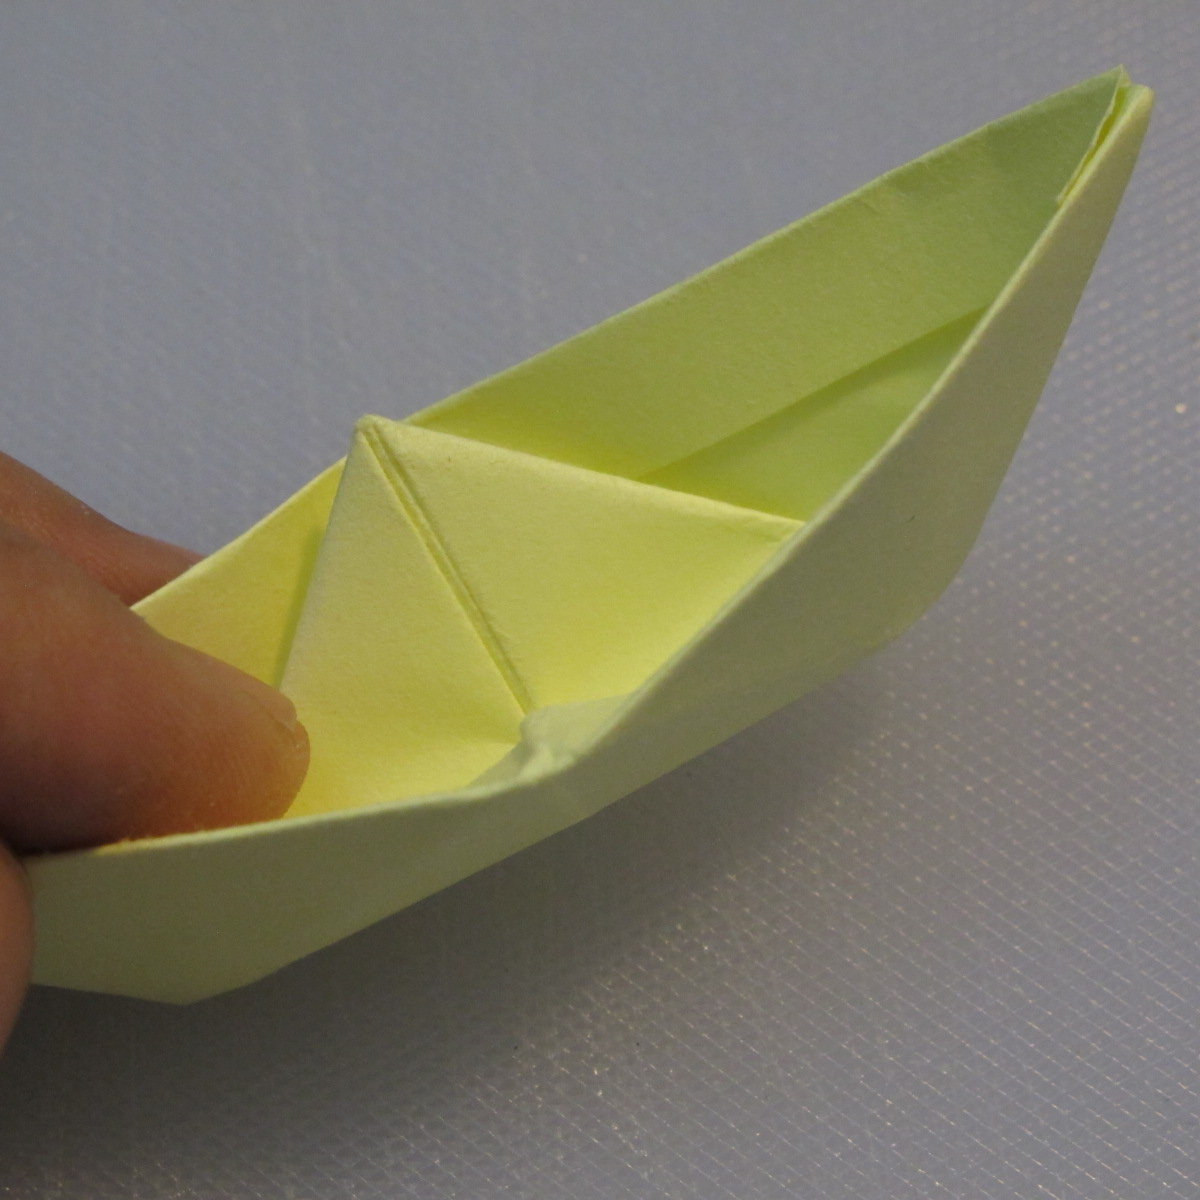 การพับกระดาษเป็นรูปเรือใบ (Origami Boat – 船の折り紙) 012